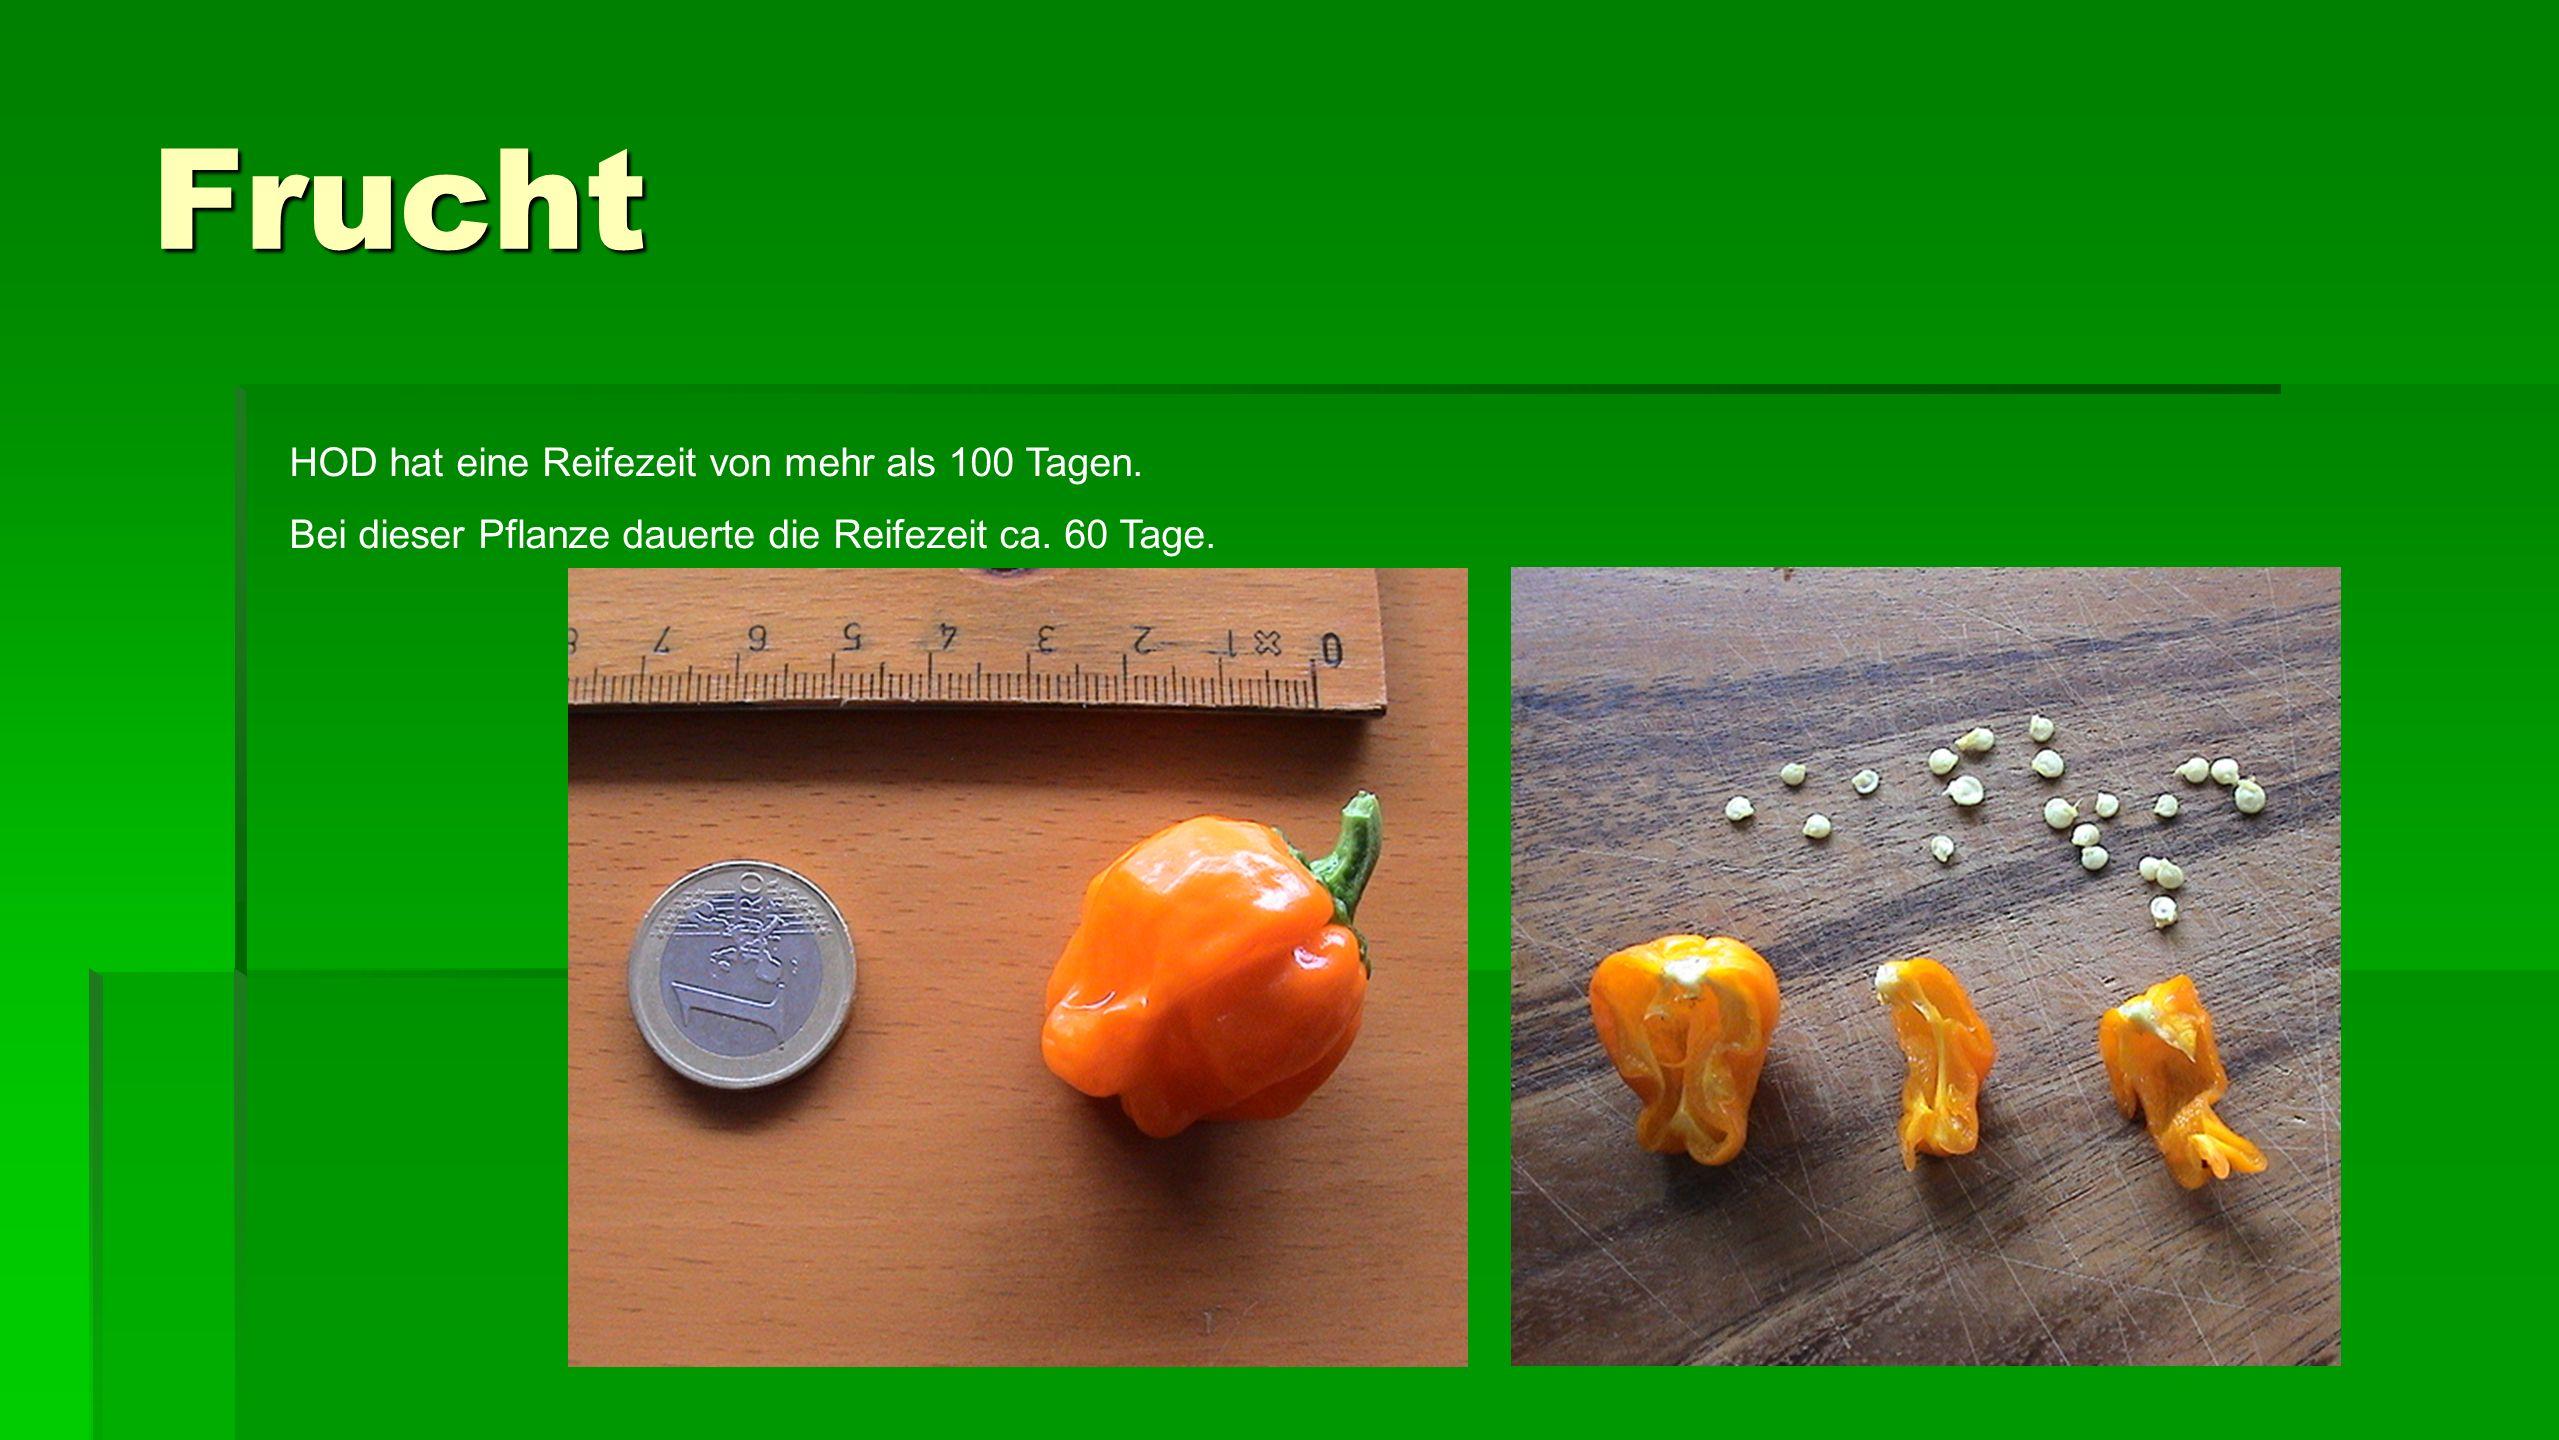 Frucht HOD hat eine Reifezeit von mehr als 100 Tagen.